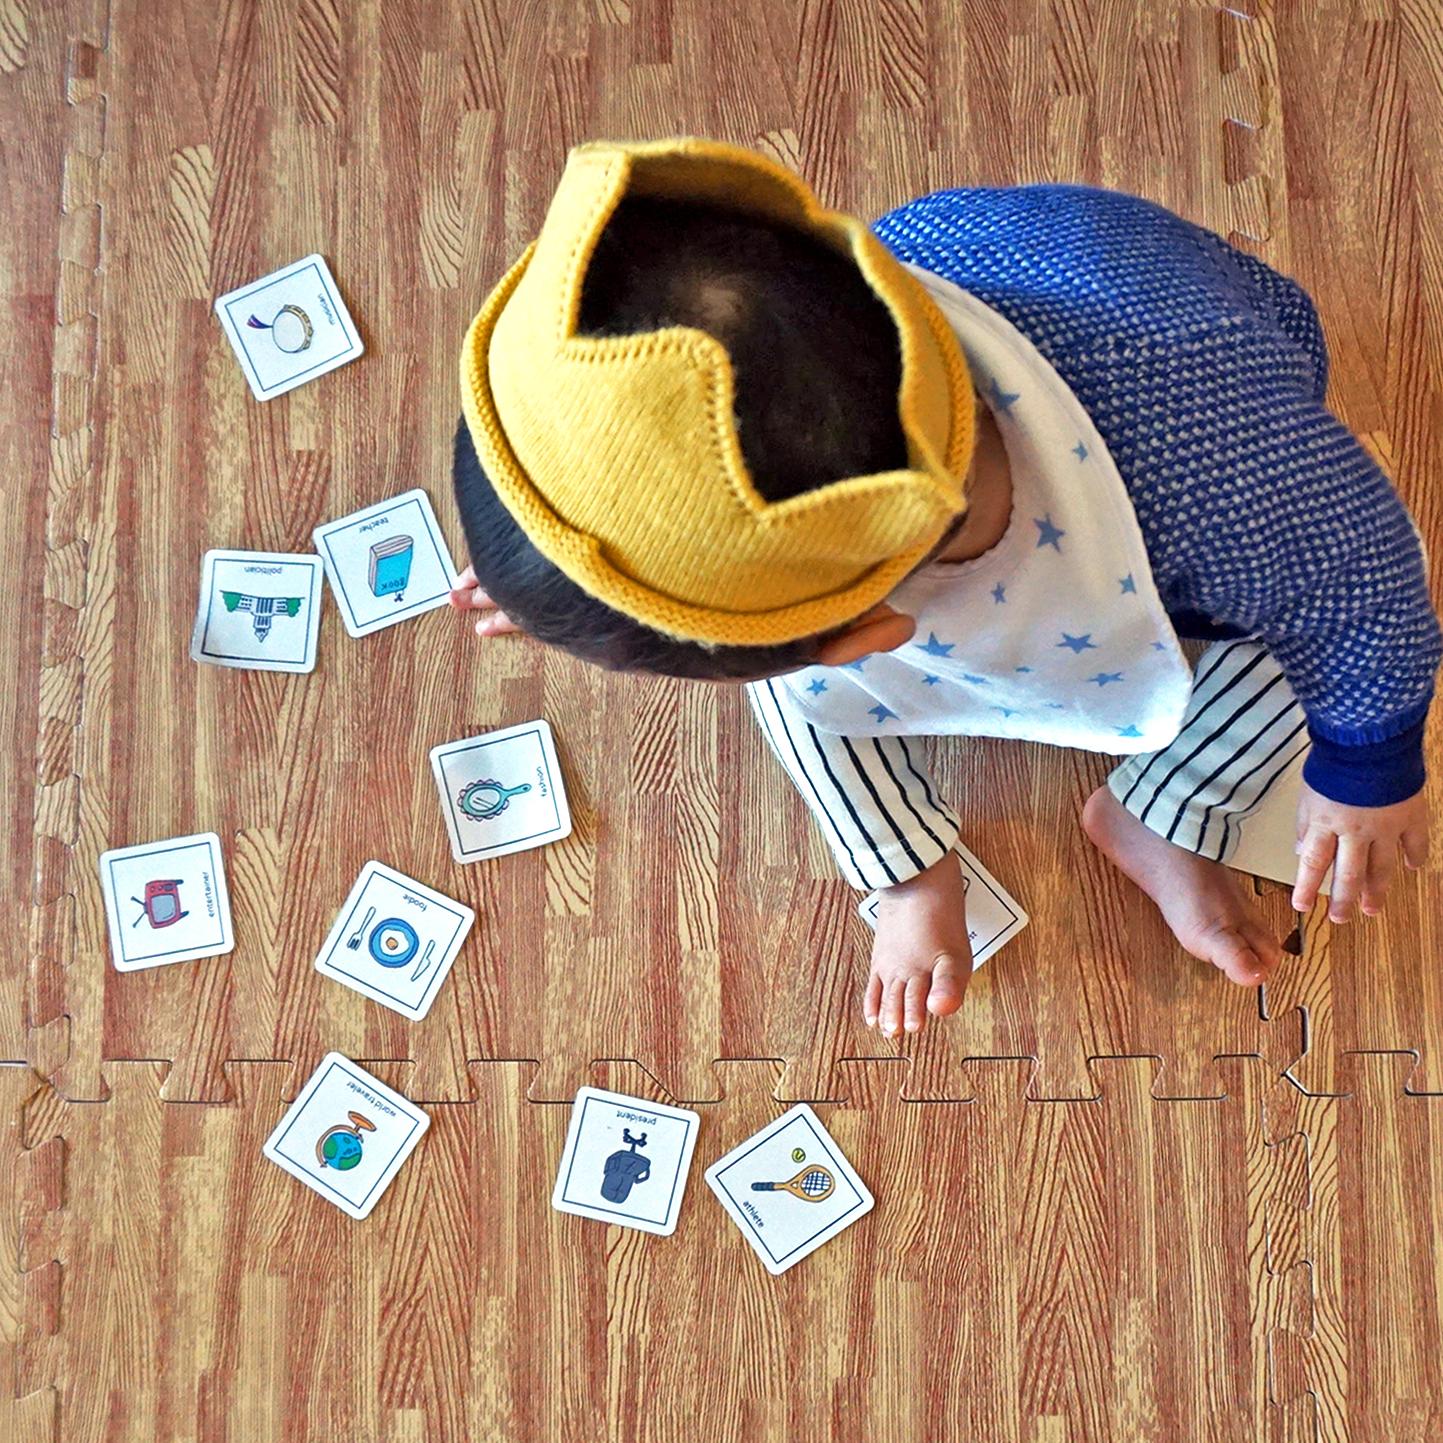 【無料ダウンロード】1歳の誕生日に!ARCH DAYSオリジナル選びとりカード<br>by ARCH DAYS編集部